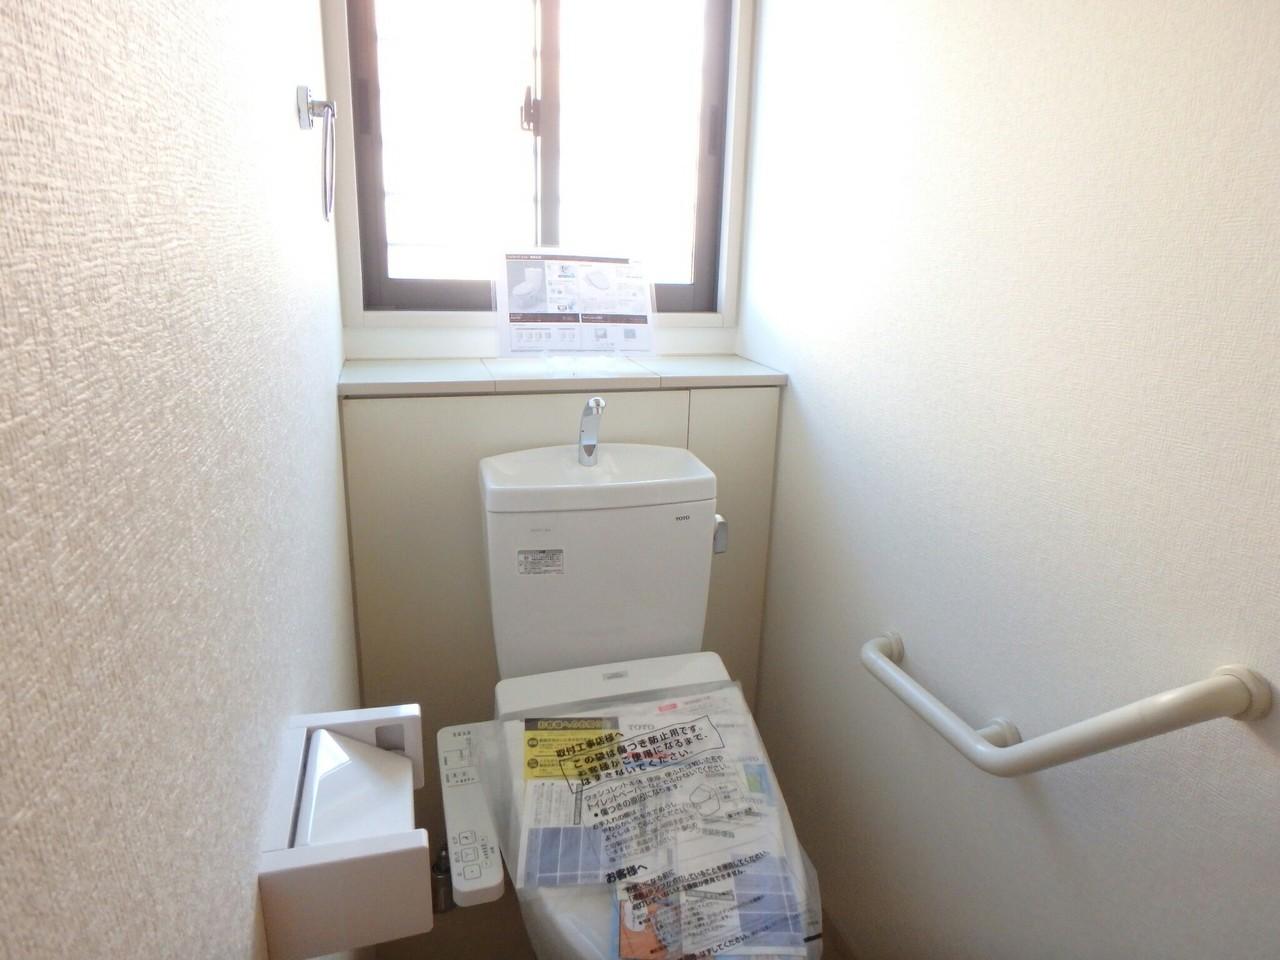 白を基調とした清潔感のあるトイレは洗浄便座機能付きです♪ 手すり付きのトイレはご年配の方の安全面に配慮されていますね。(2018年1月23日撮影)